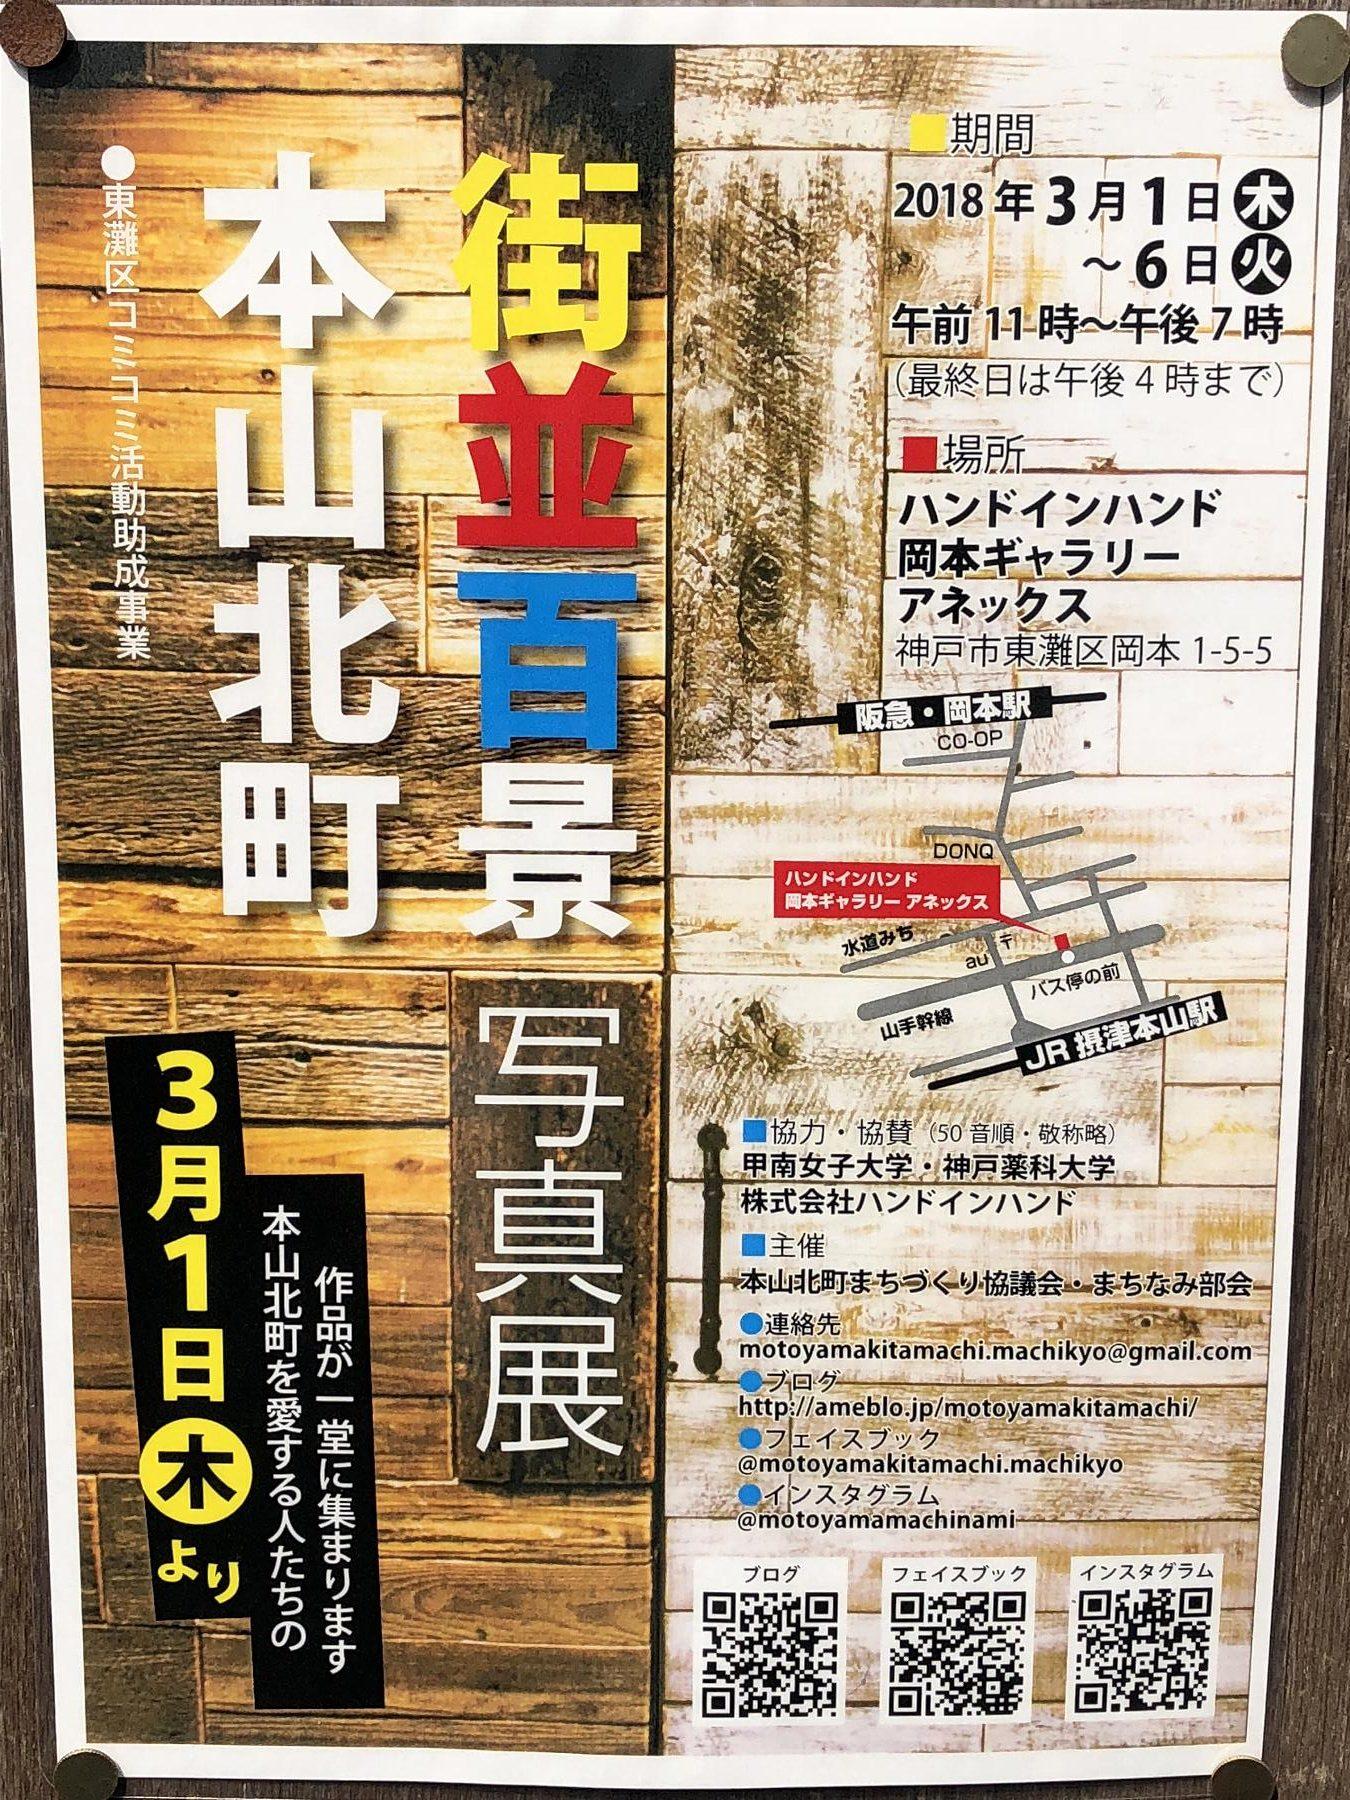 「本山北町街並百景 写真展」が3/1~3/6までハンドインハンド岡本ギャラリーアネックスで開催されるよ! #岡本商店街 #写真展 #ハンドインハンド